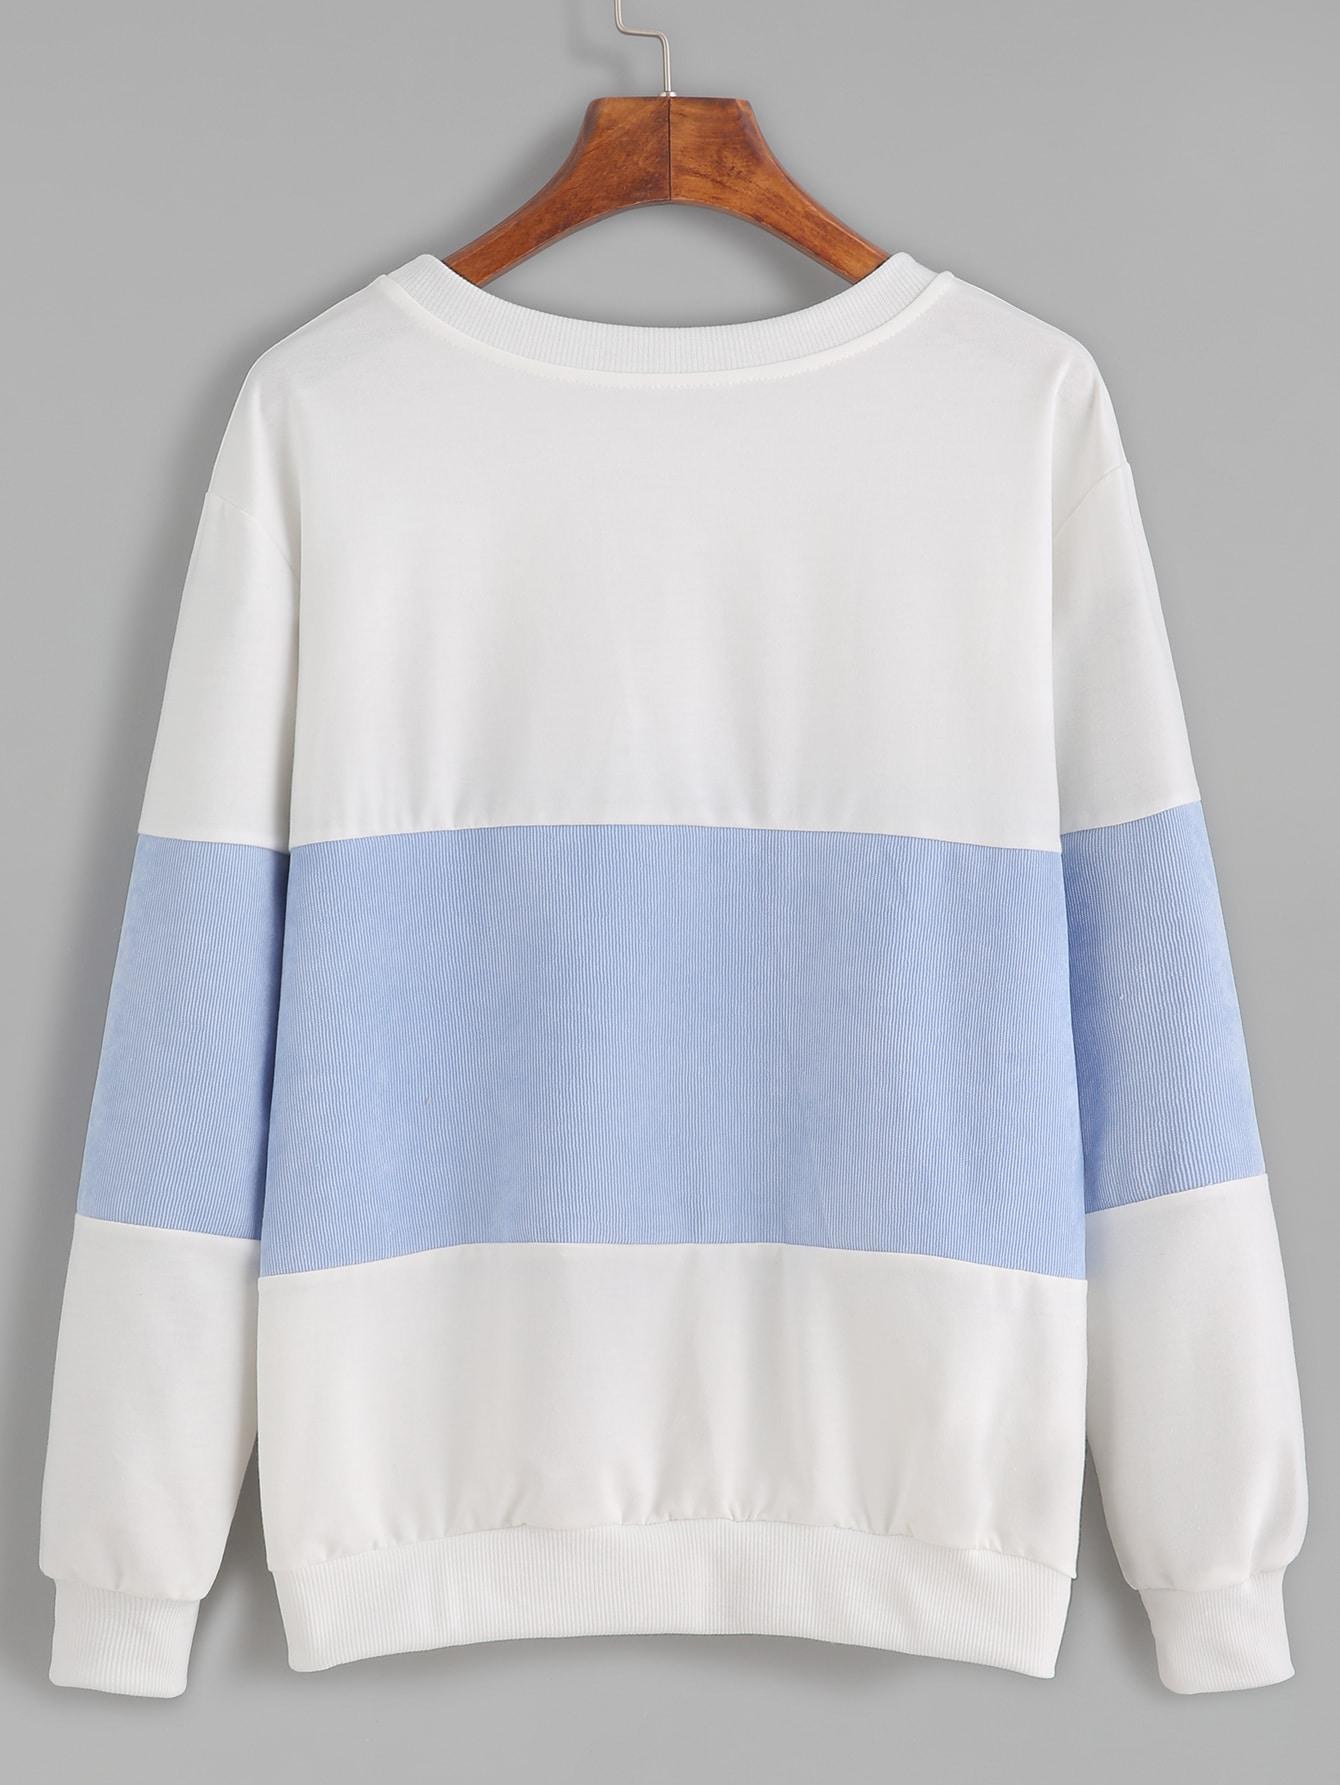 sweatshirt160822128_2